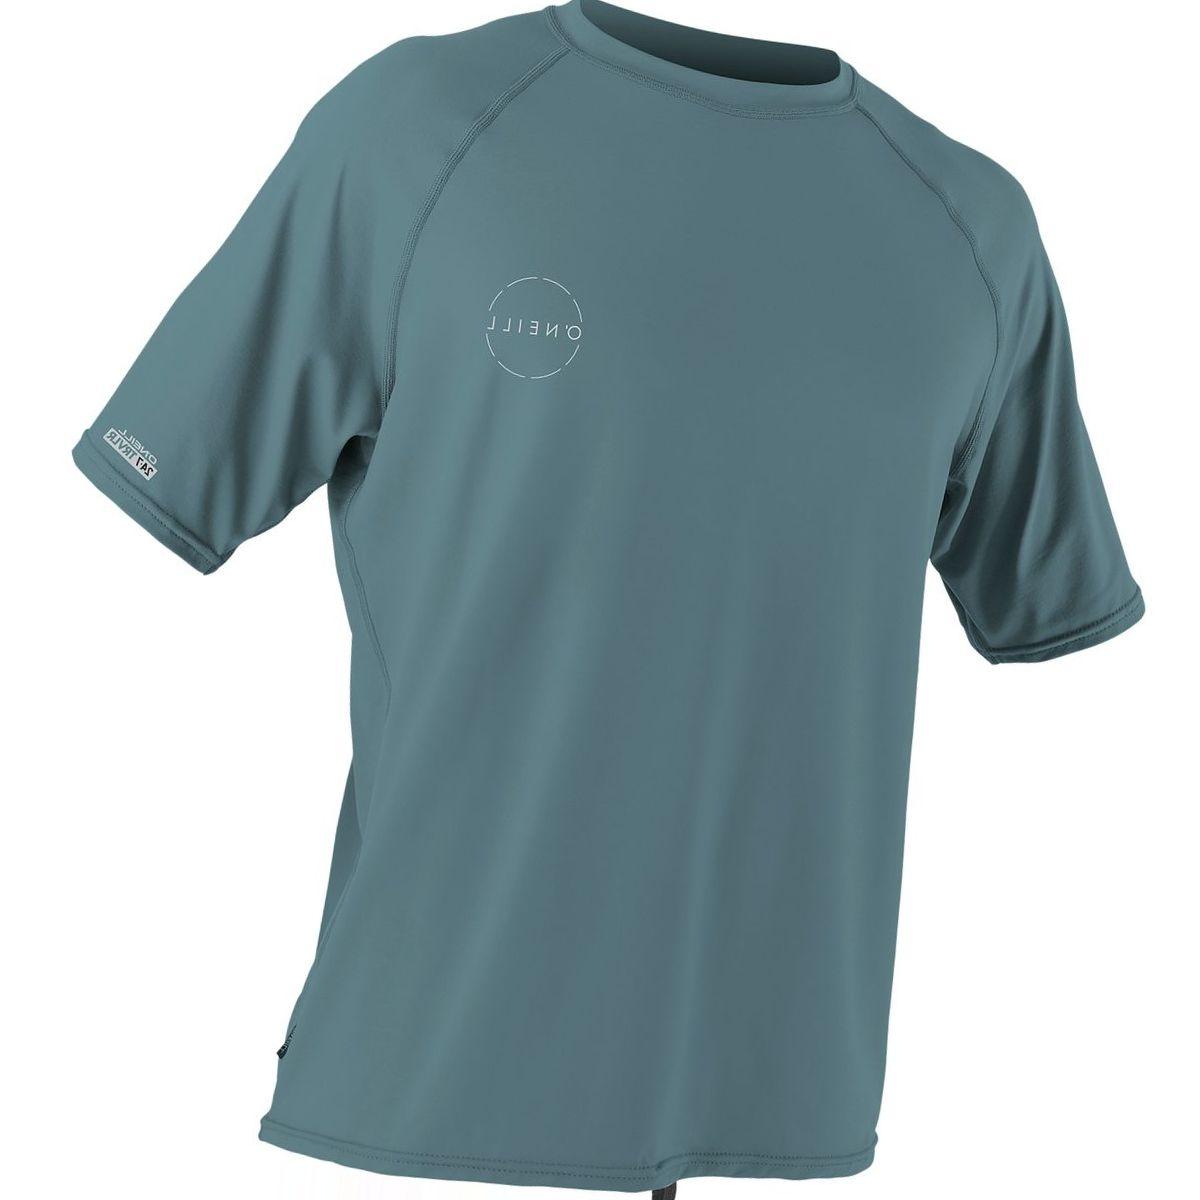 O'Neill 24-7 Traveler Short-Sleeve Sun Shirt - Men's